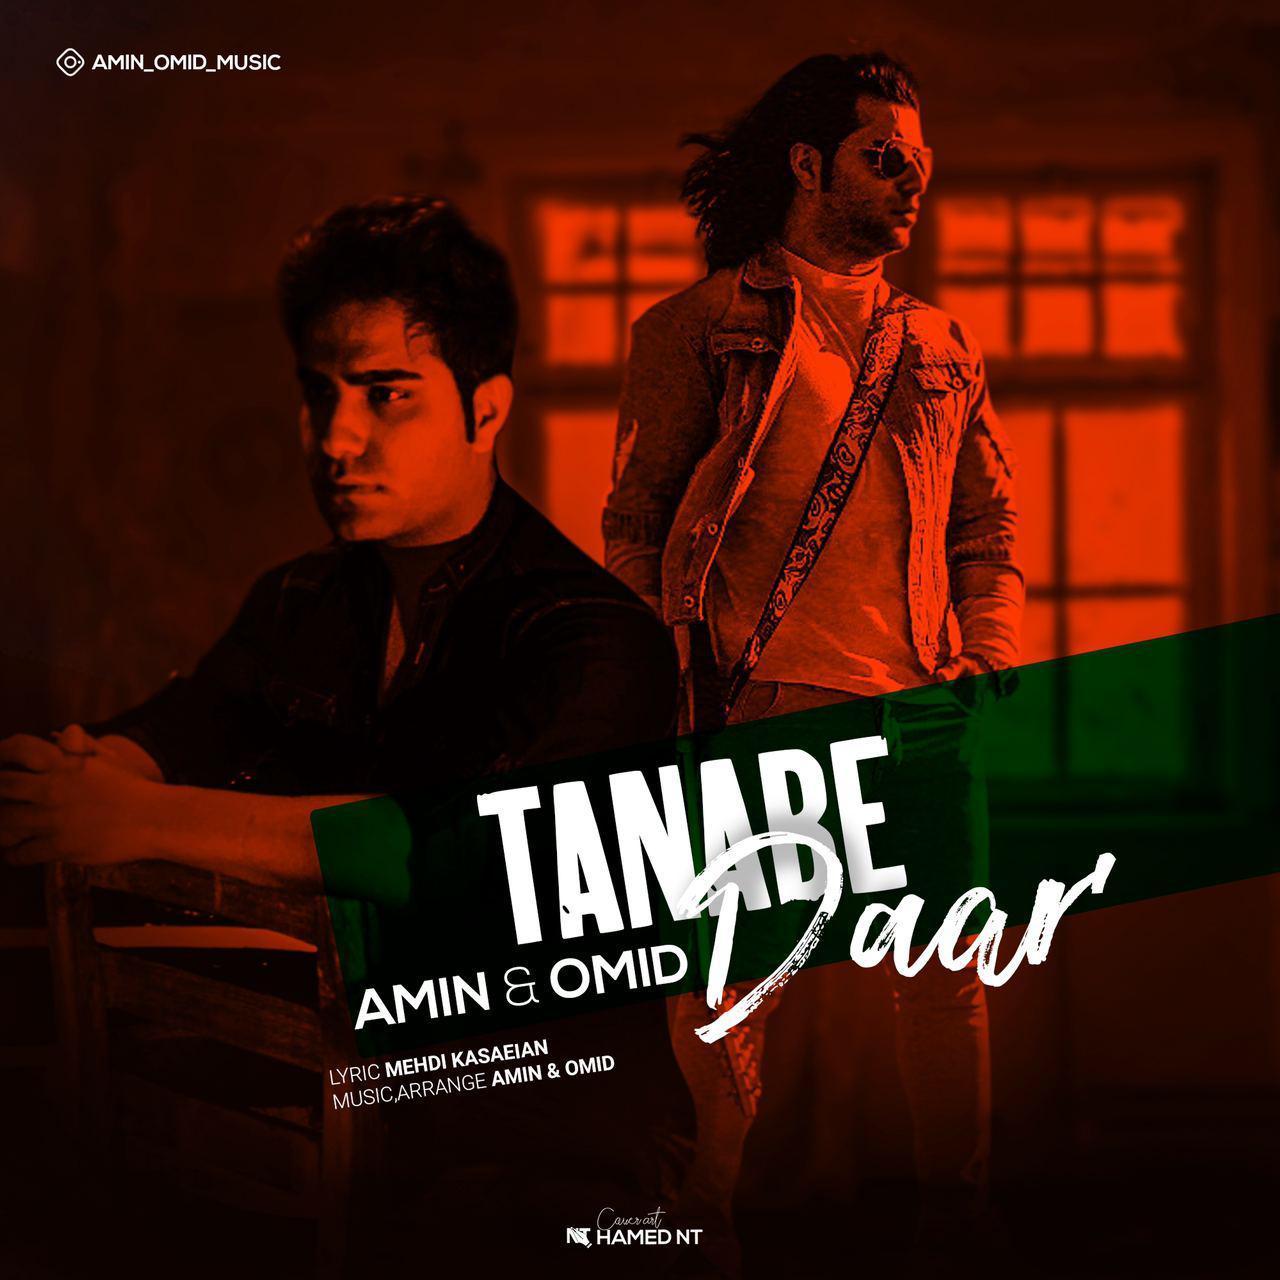 Amin And Omid – Tanabe Daar